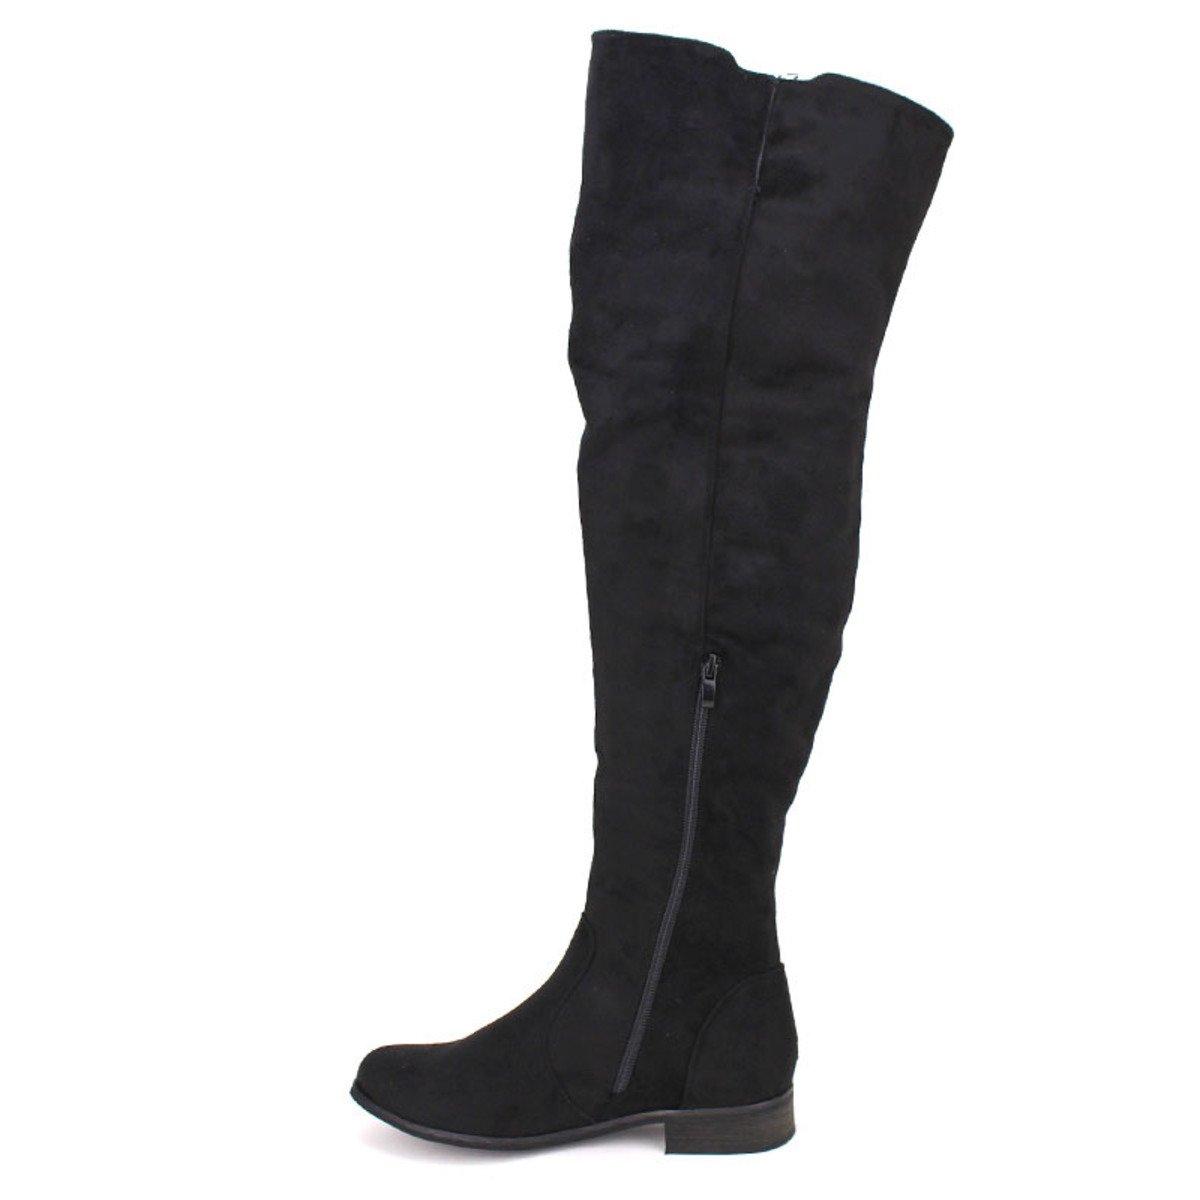 Chaussures Noire Cuissarde Cendriyon Moda Lexy Cq6nxOwH